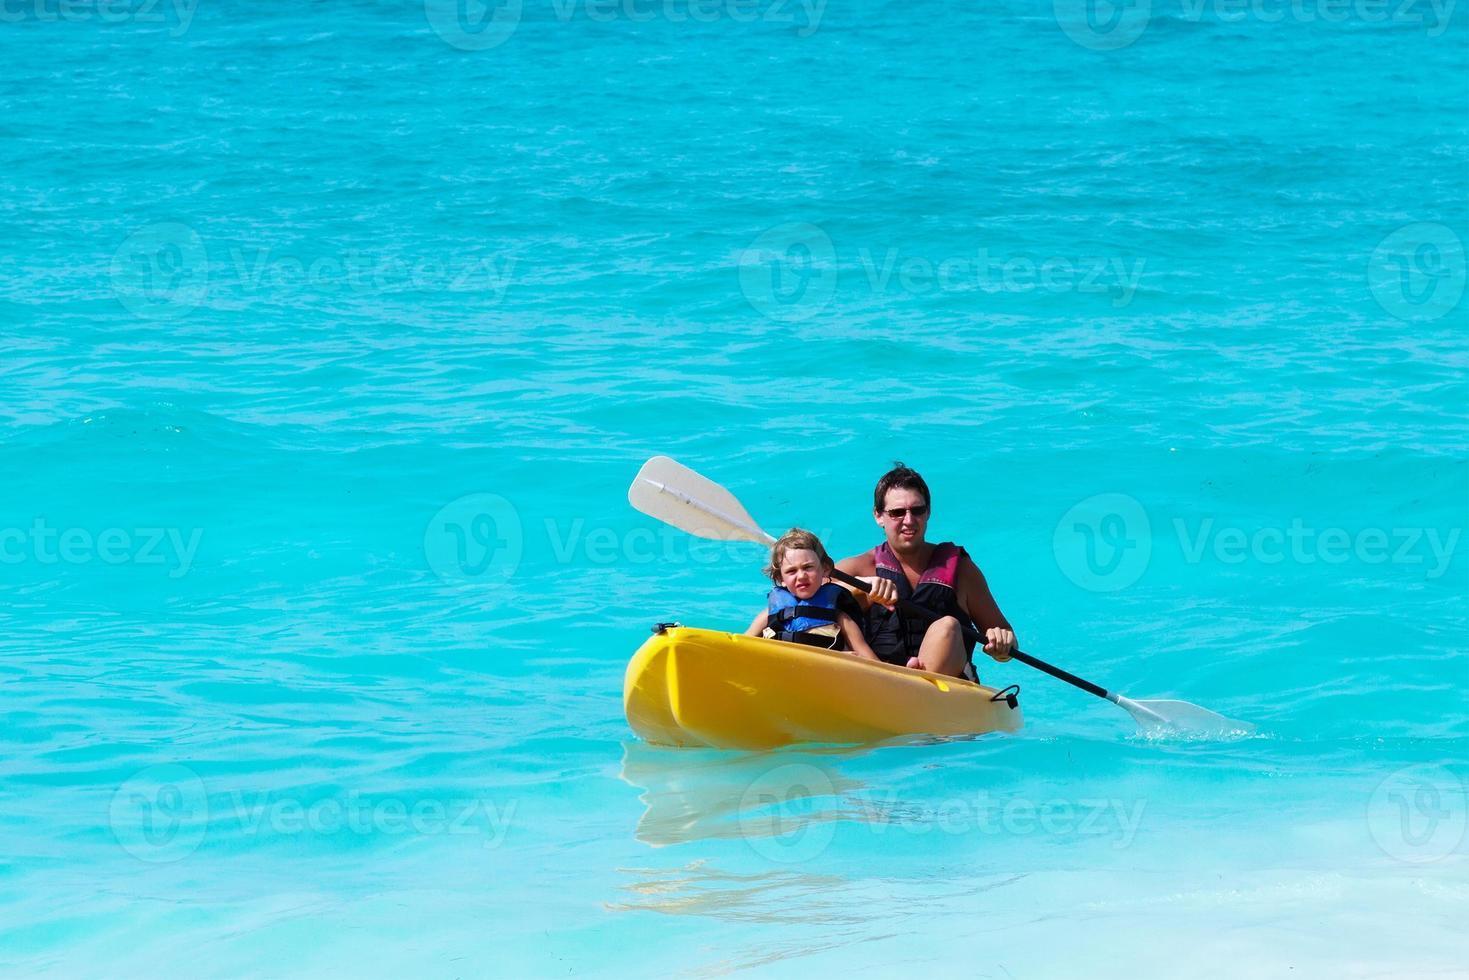 Vater und Sohn auf einem Kajak im tropischen Ozean foto